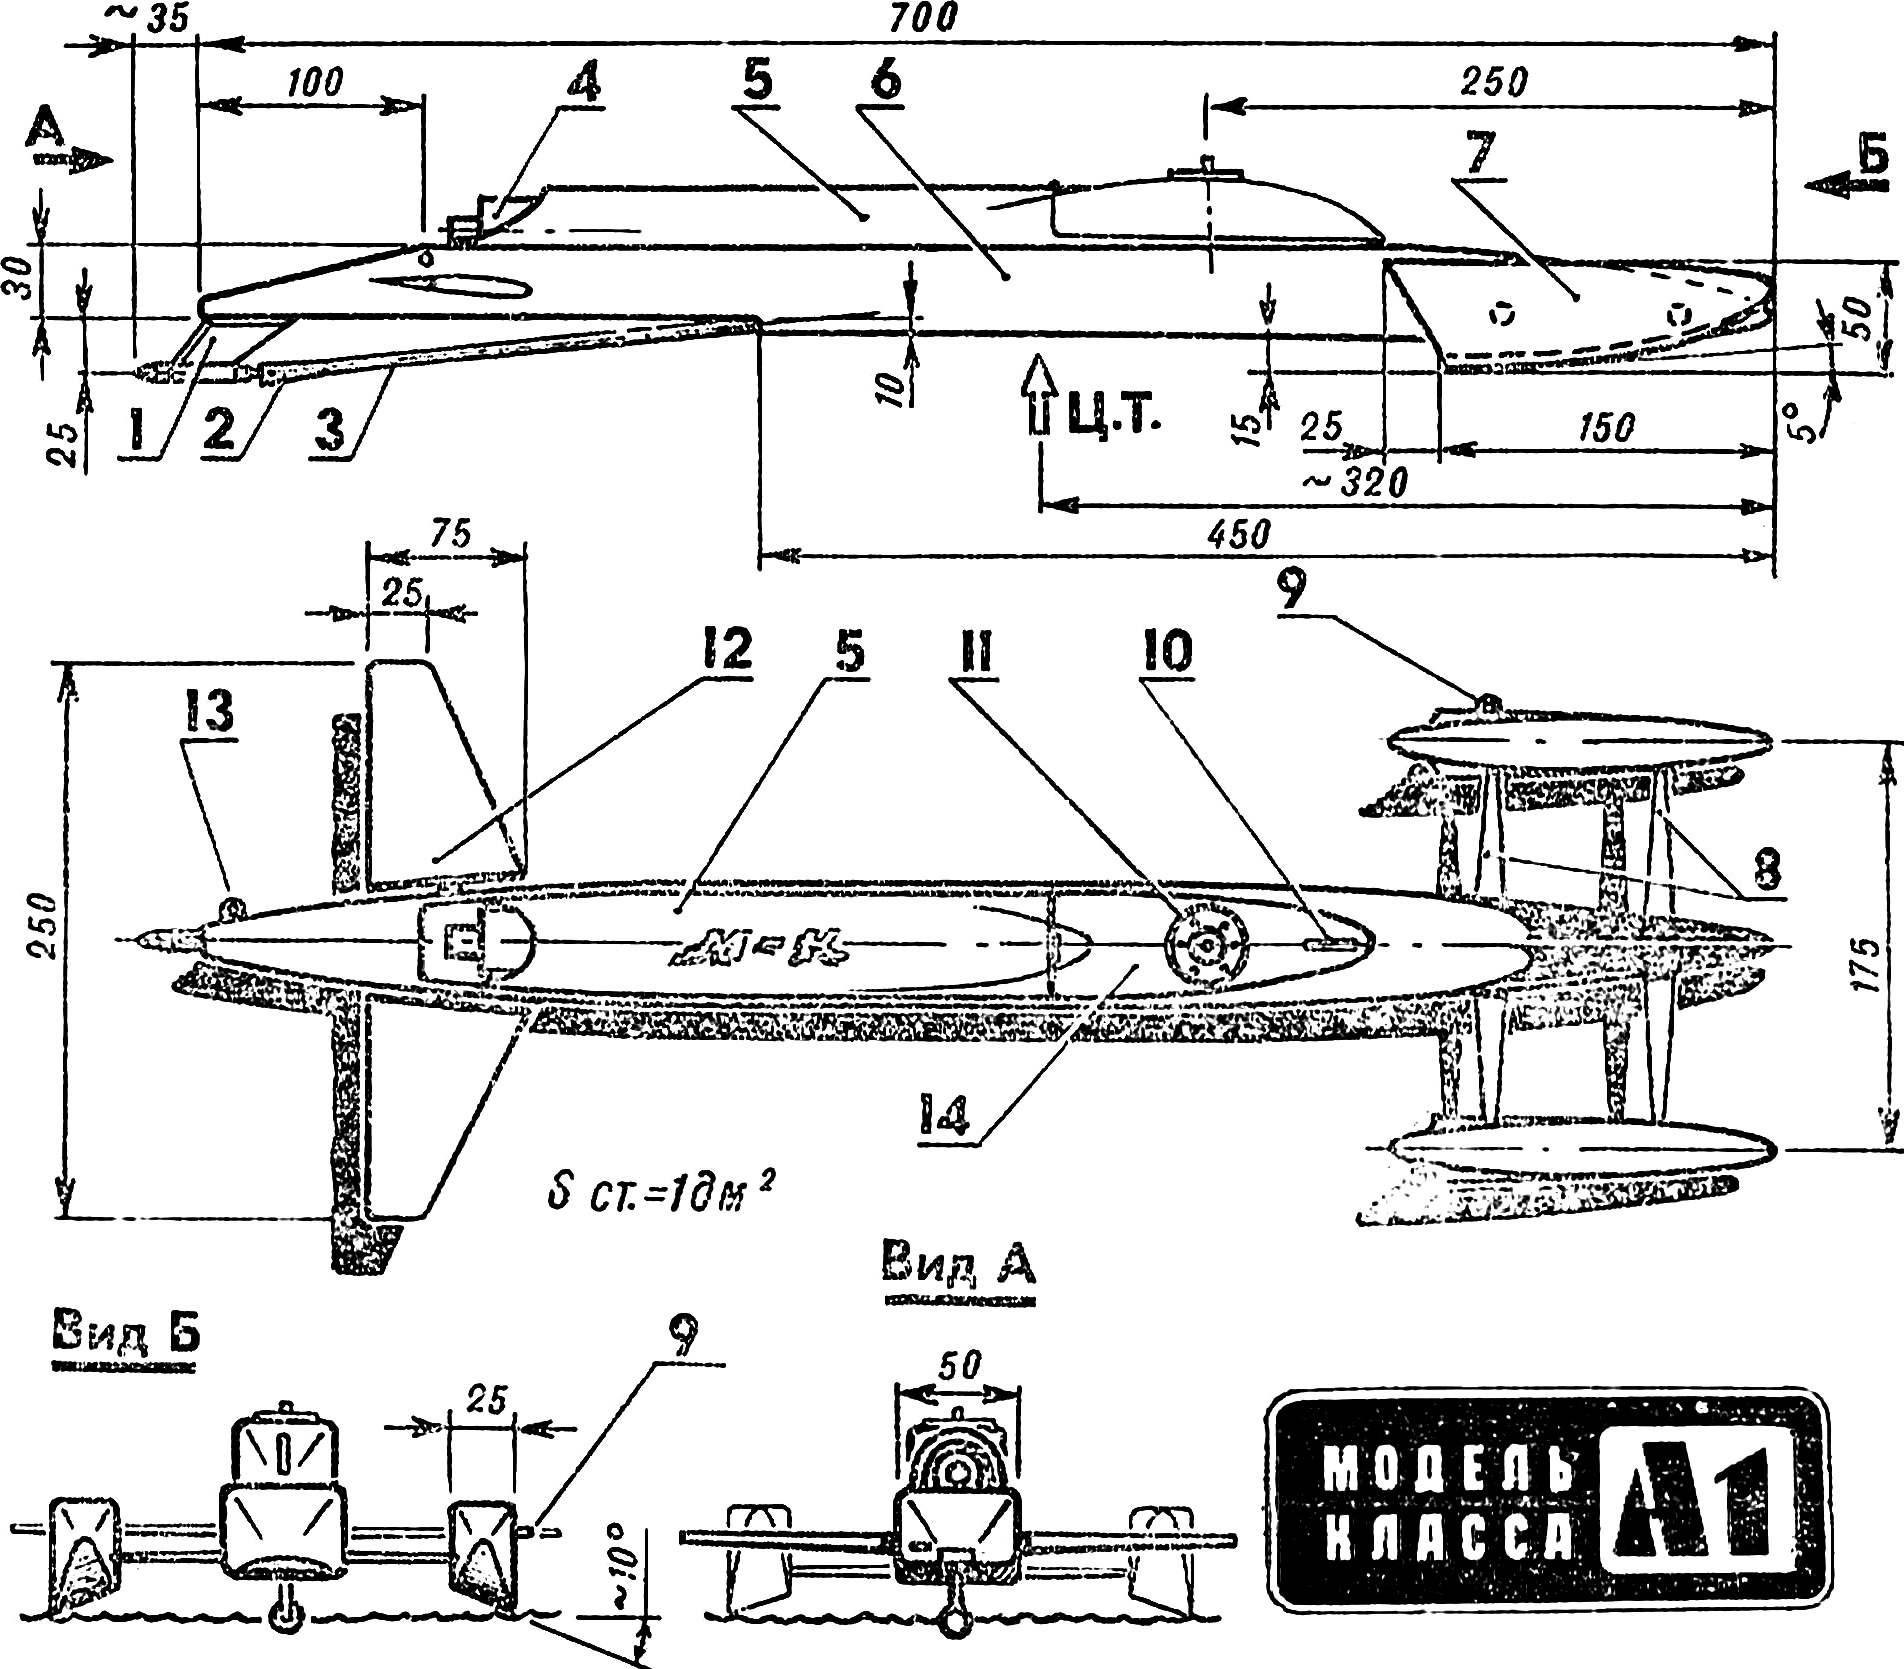 Кордовый скоростной глиссер с двигателем 2,5 см3 и гребным винтом.